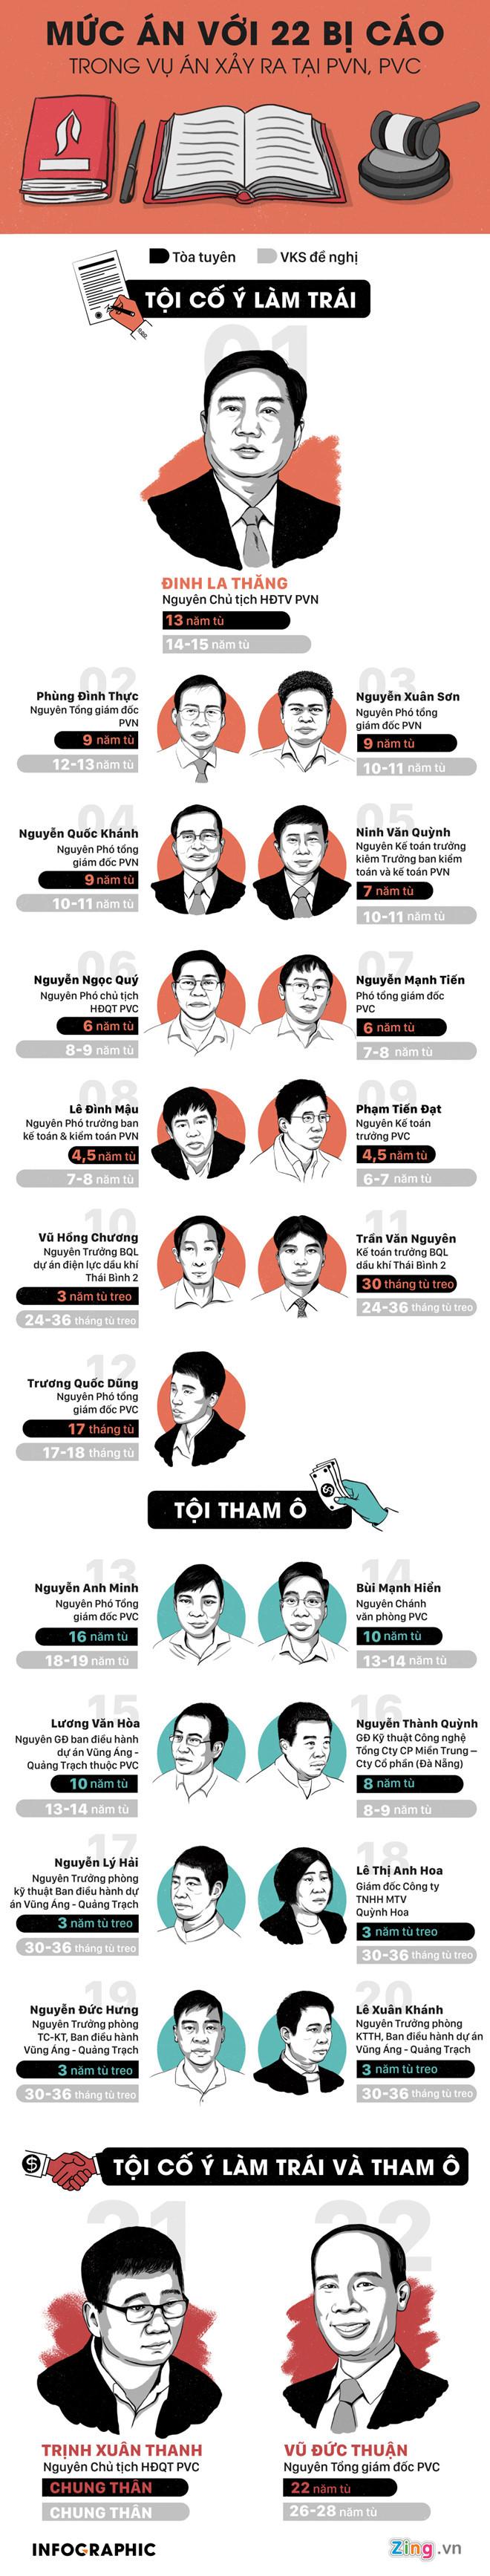 Cựu Phó Chủ tịch PVC trong vụ án Đinh La Thăng làm đơn kháng cáo 2